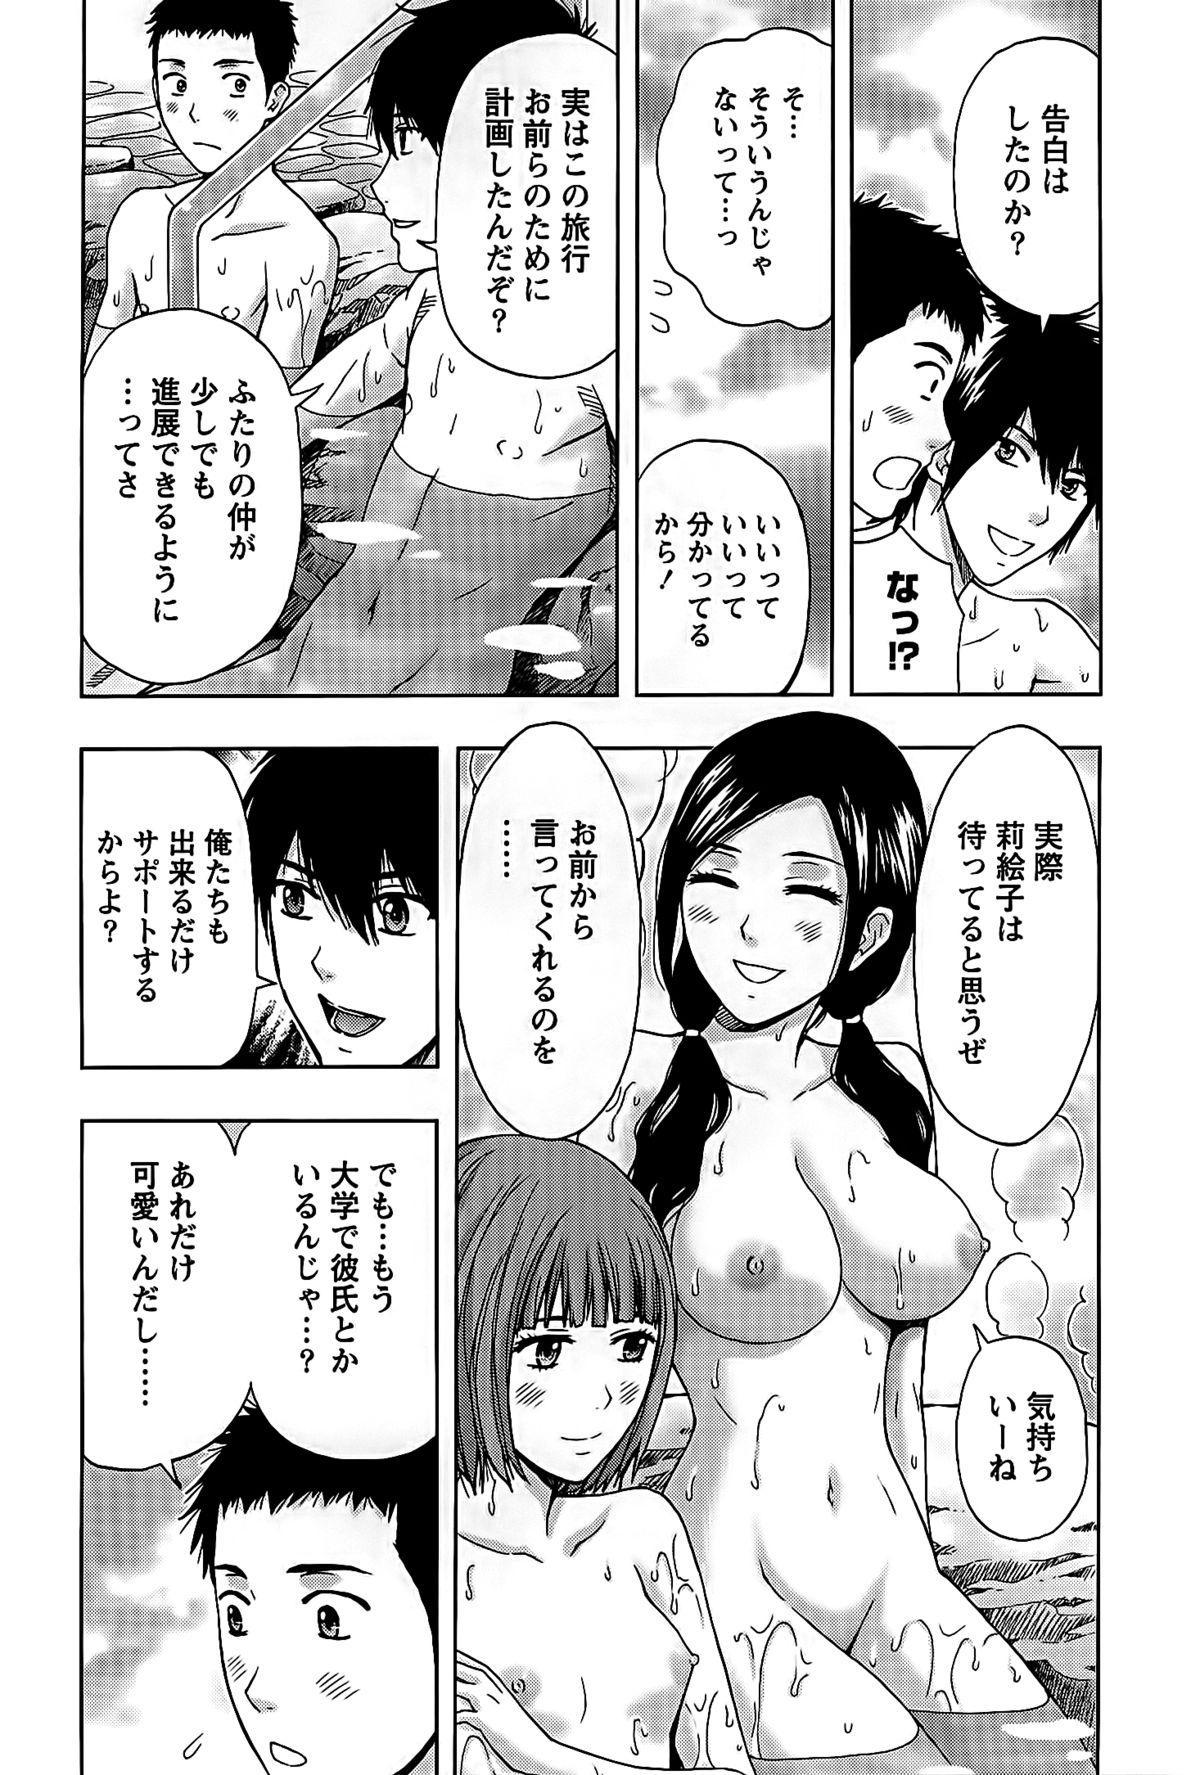 Shittori Lady to Amai Mitsu 154